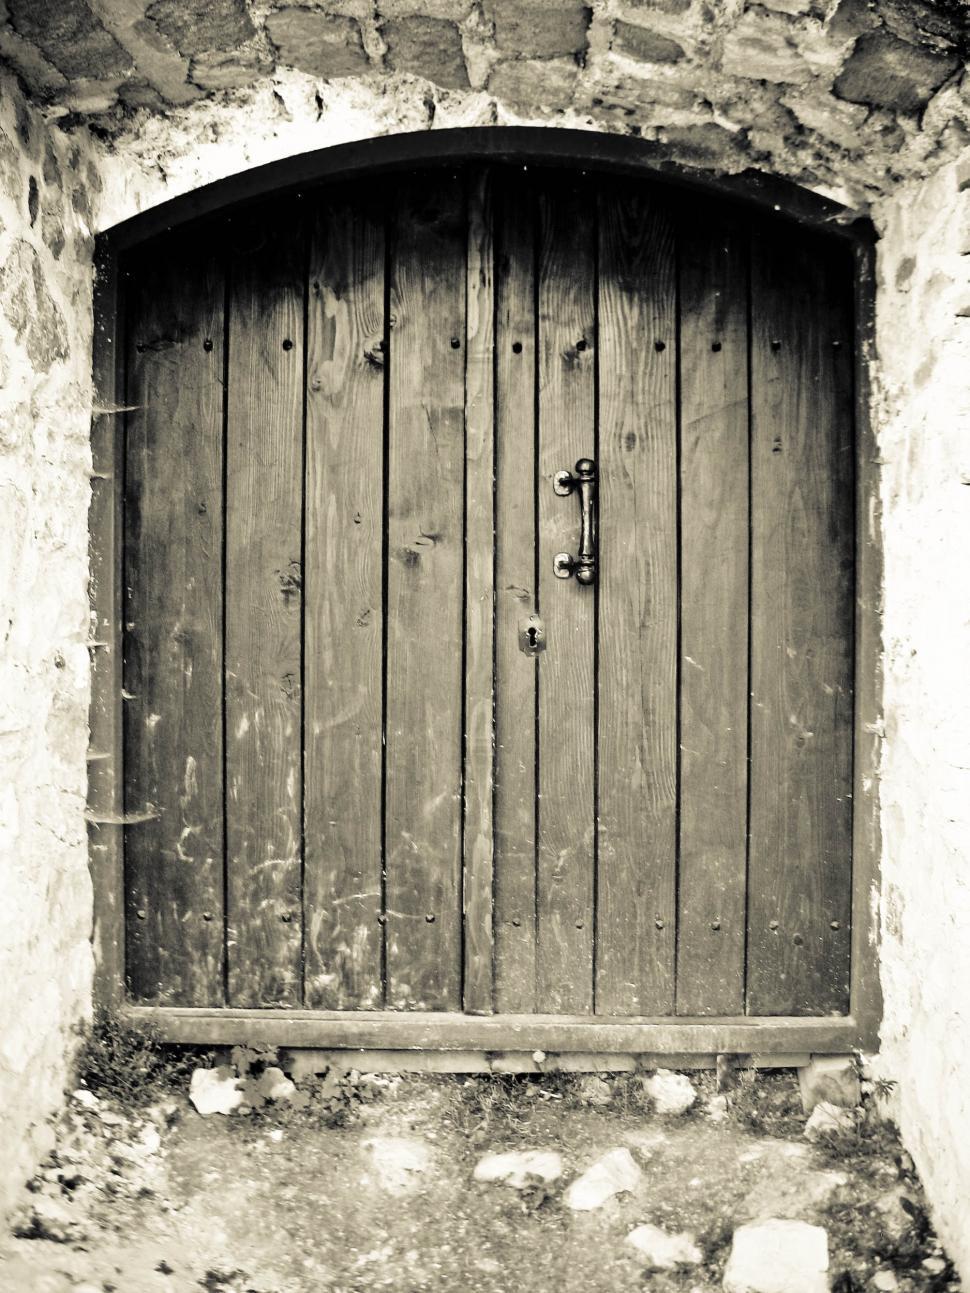 Download Free Stock HD Photo of Old wooden door Online